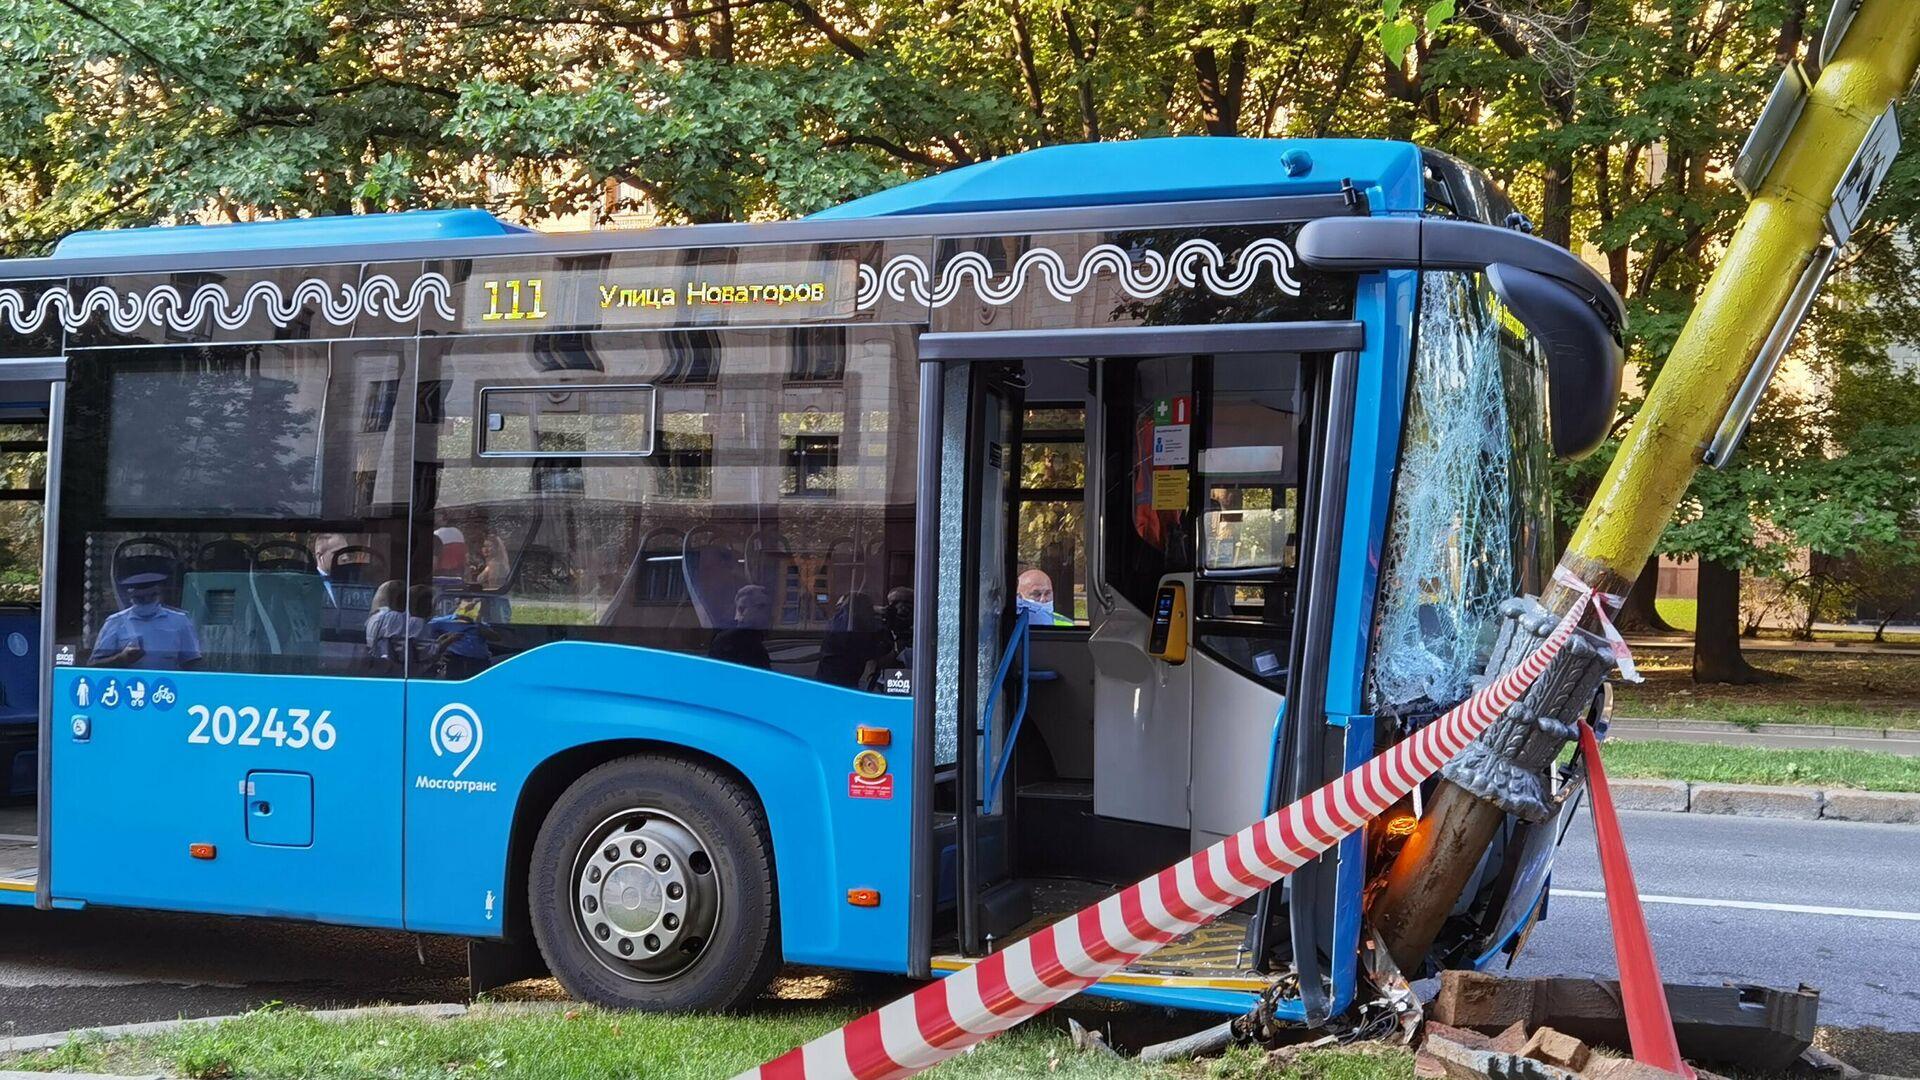 Последствия ДТП с участием рейсового автобуса на западе столицы - РИА Новости, 1920, 27.07.2021